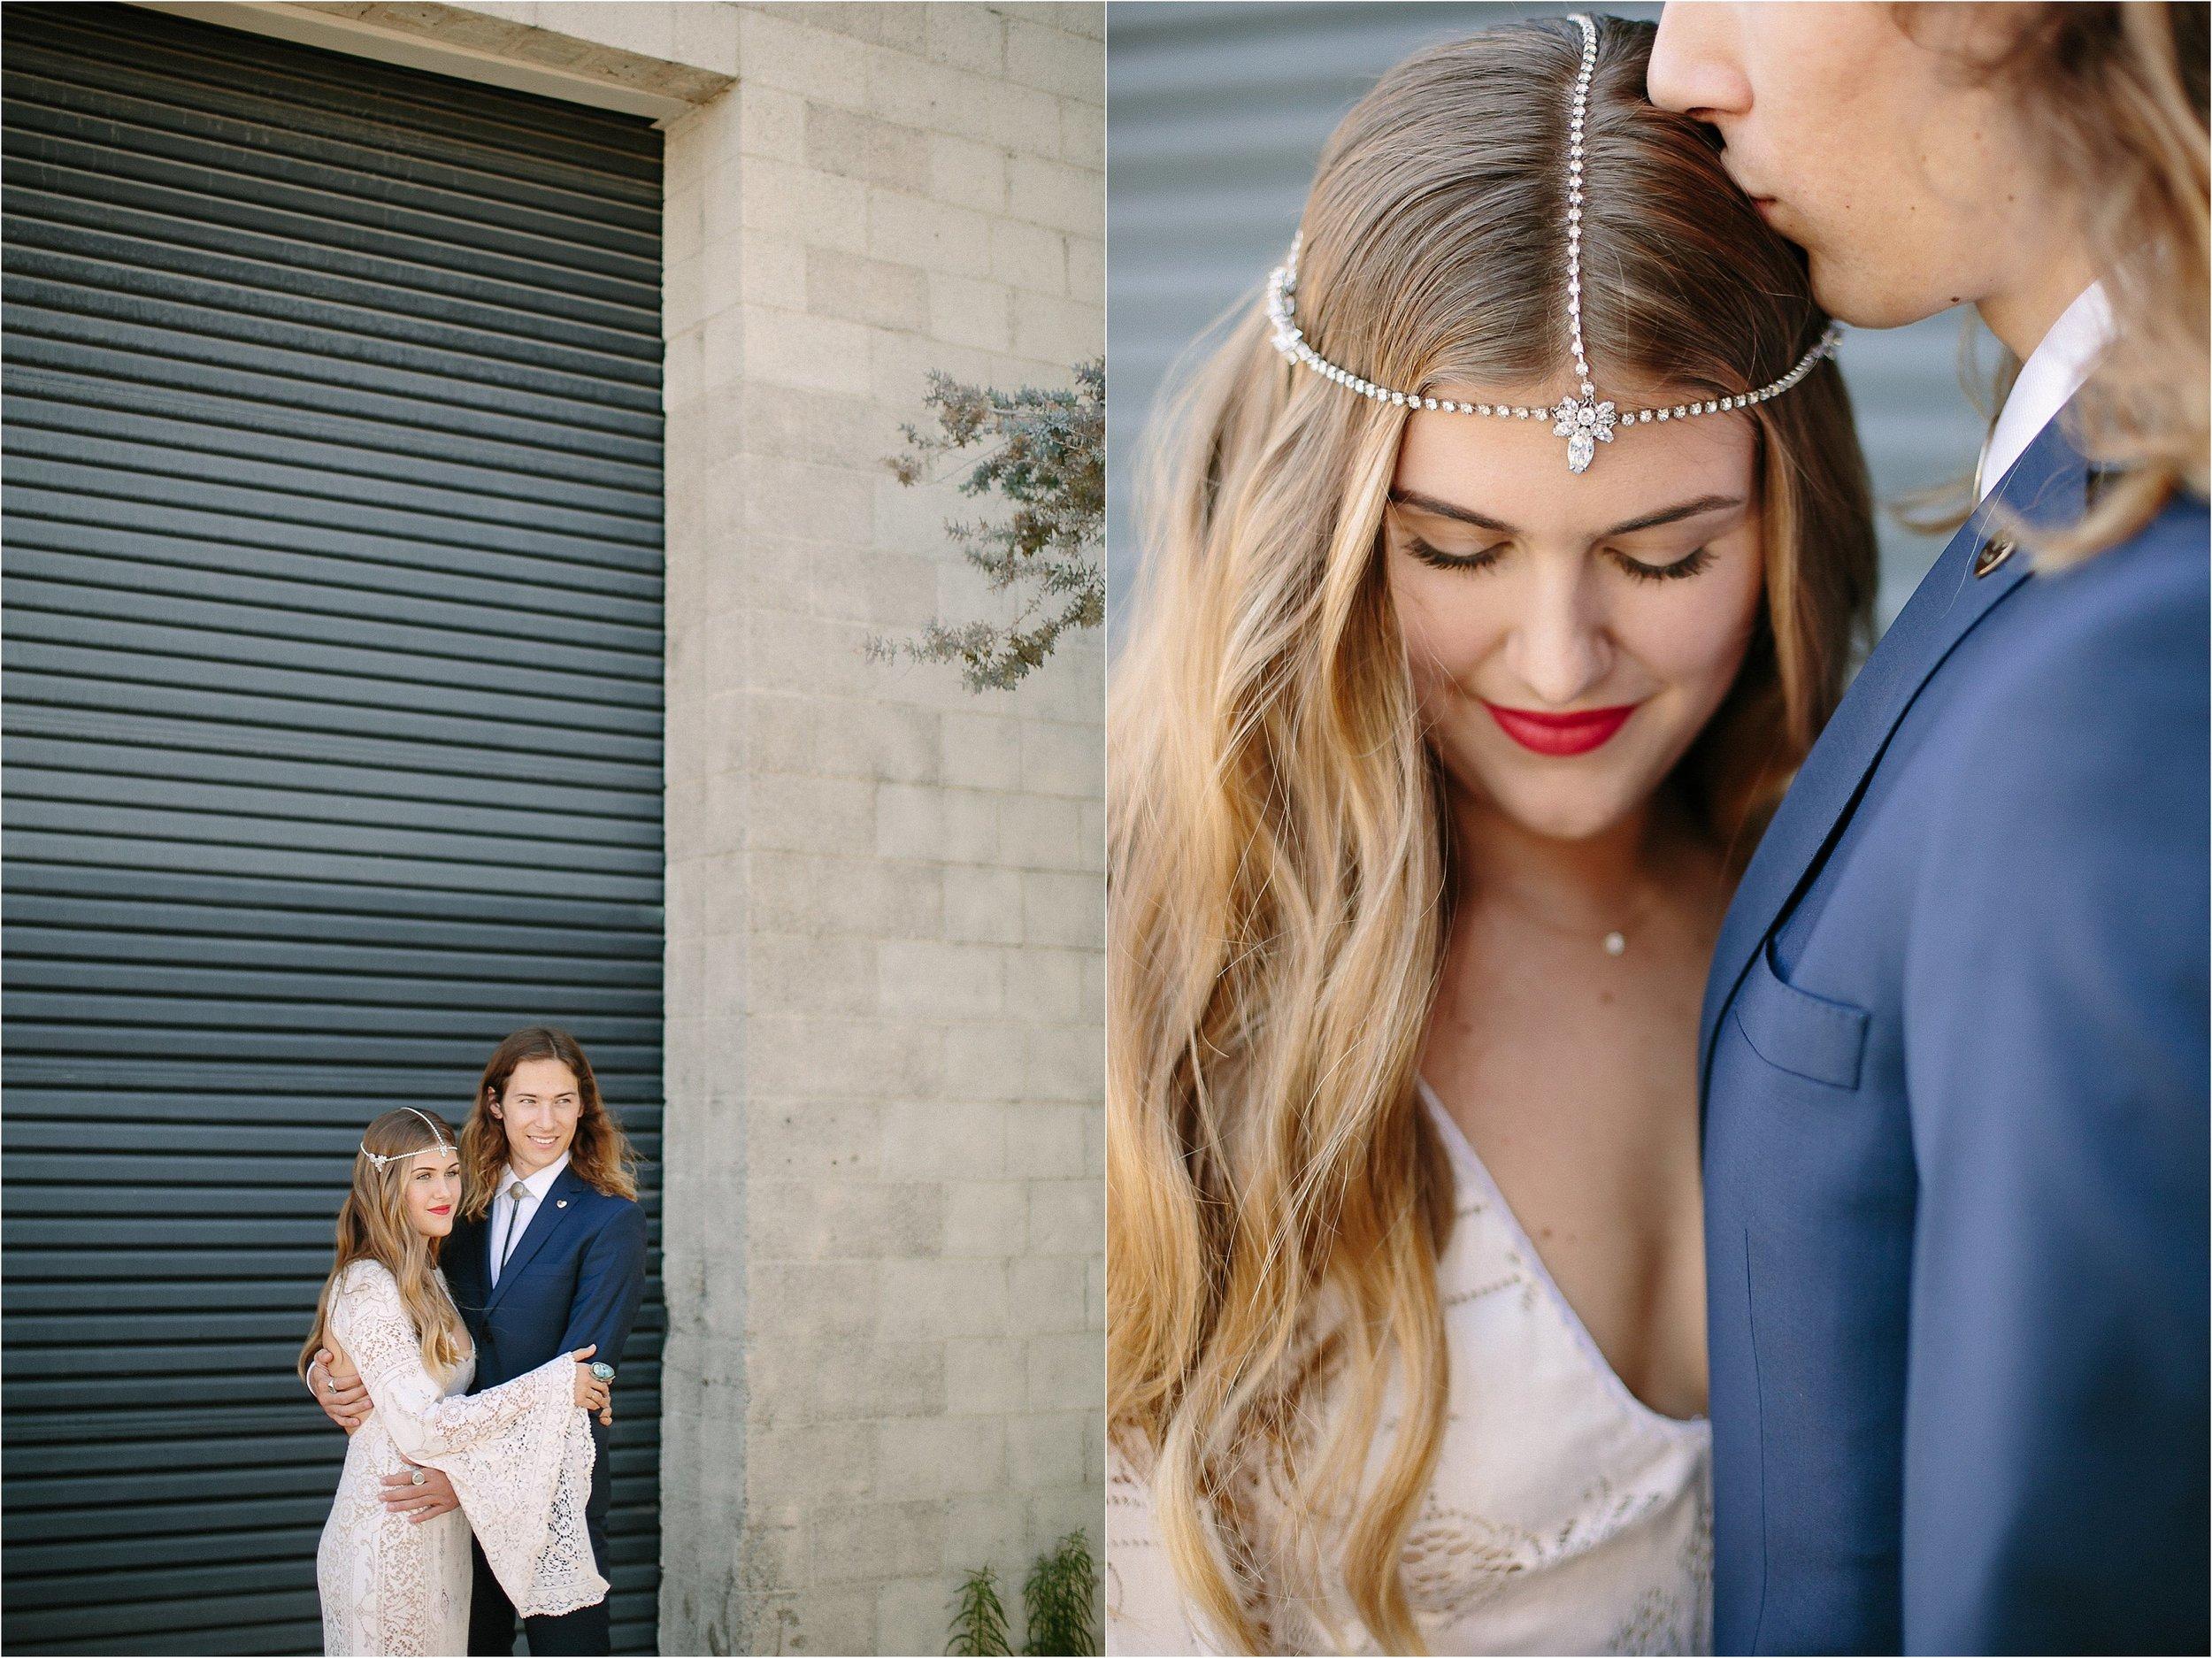 Samantha Wills Bridal Headpiece Detail Photo